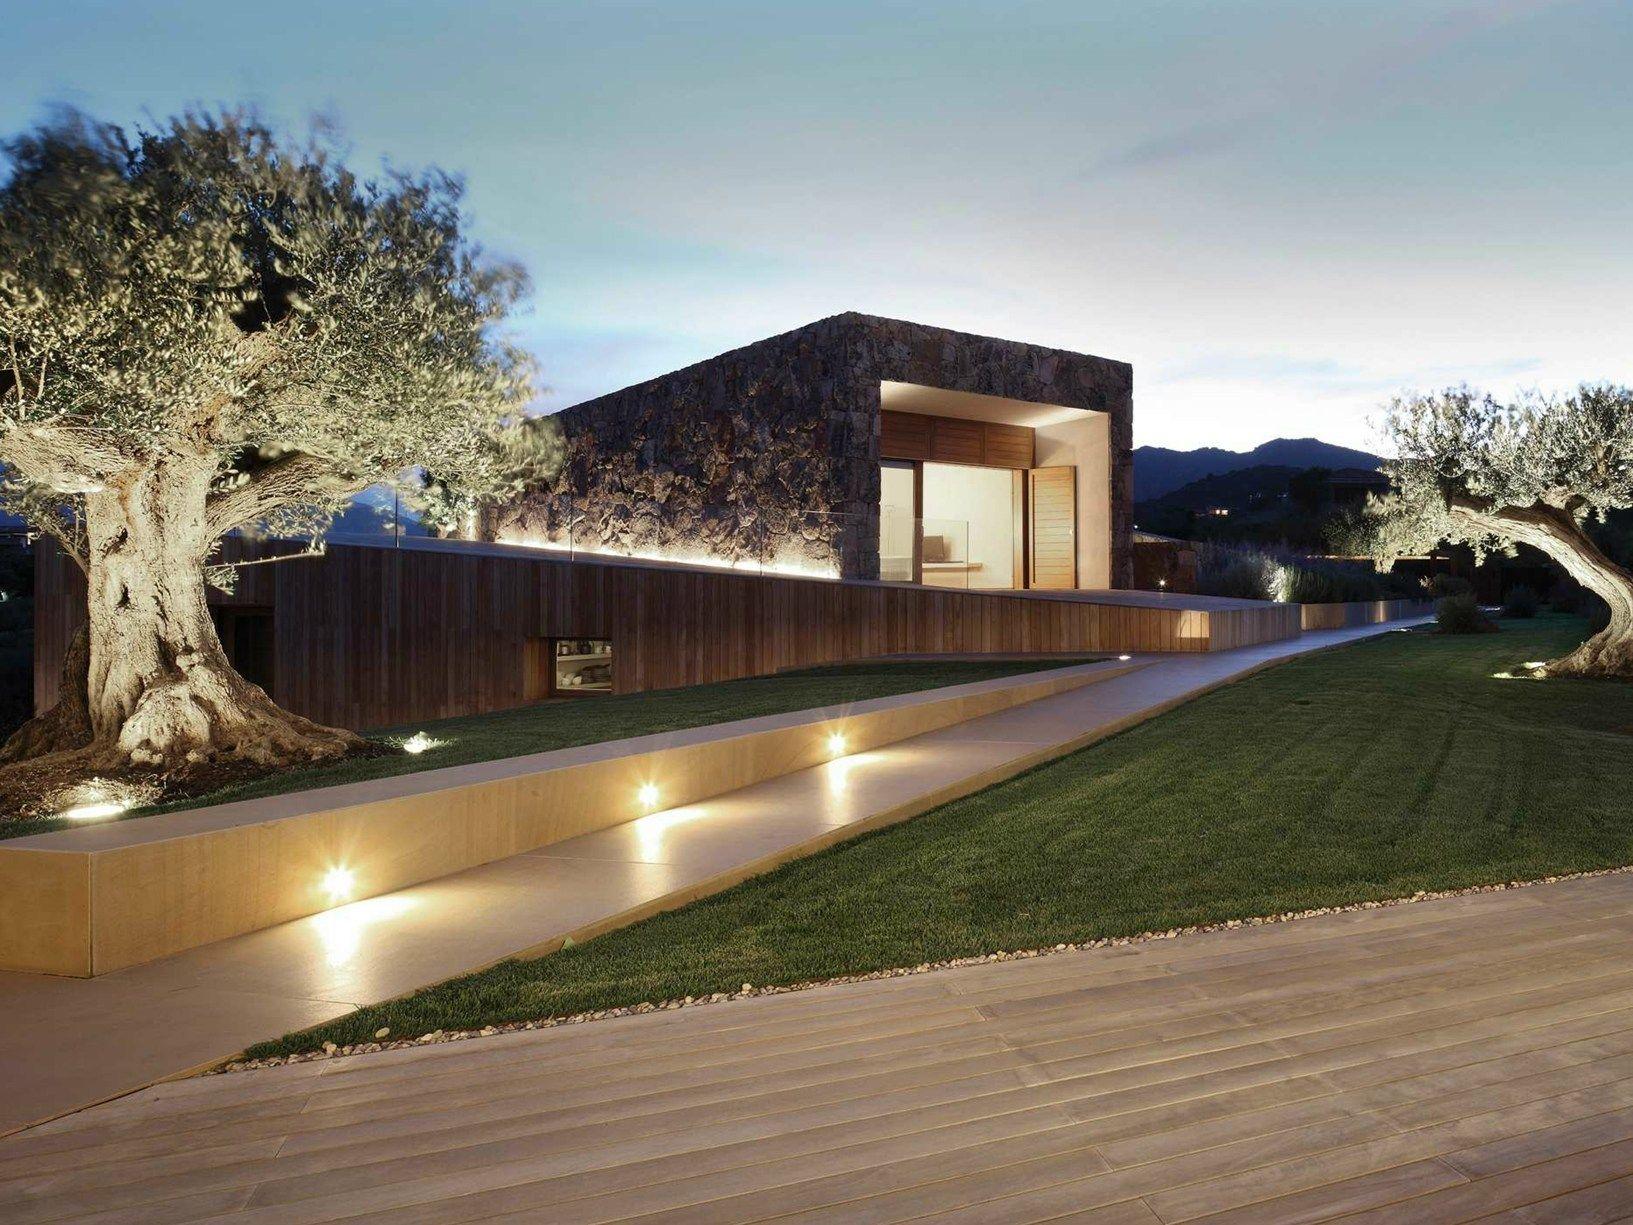 Platek light per il progetto di altromodo architects for Illuminazione led casa esterno